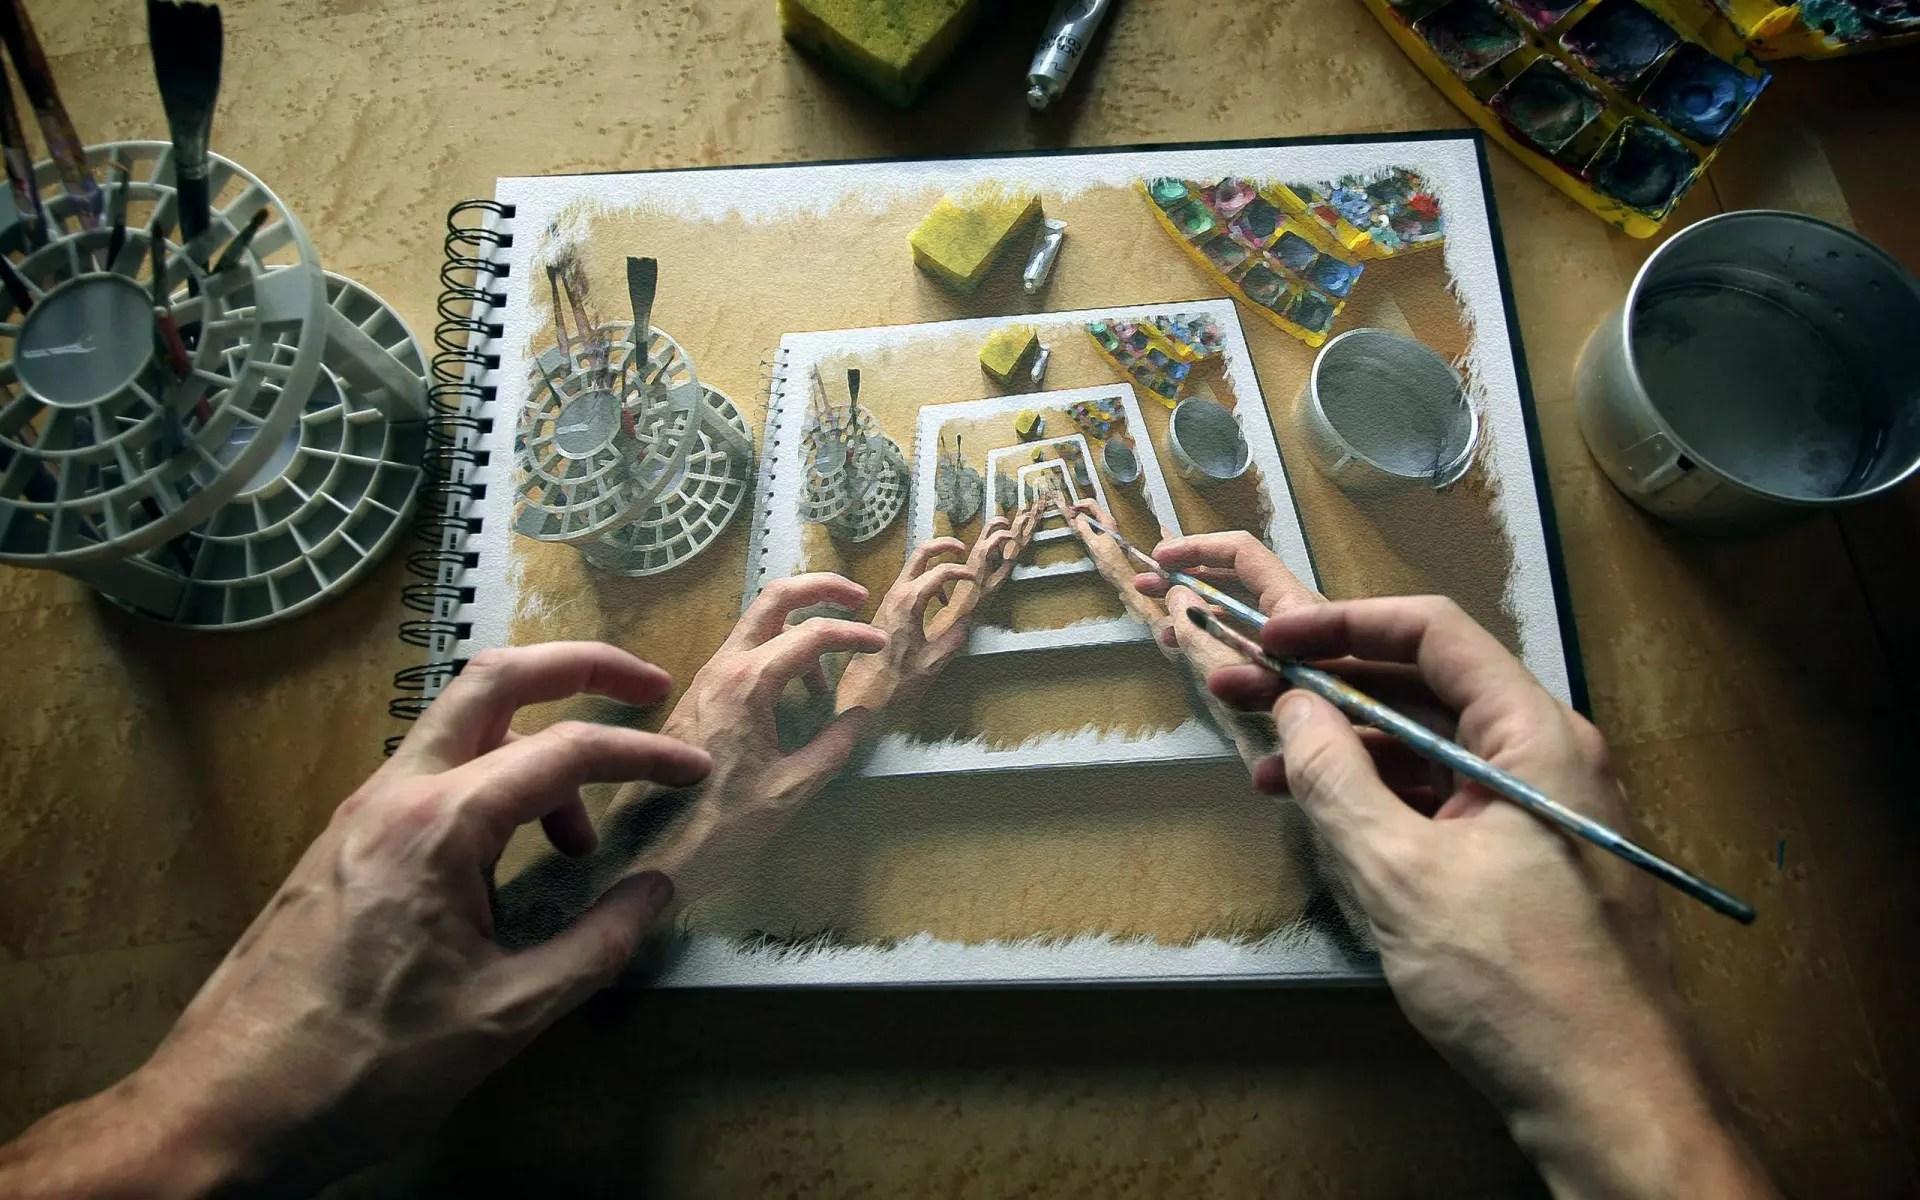 Você deve escolher a base, ou seja, uma imagem em que outro objeto será colocado. Isso pode ser qualquer coisa. Por exemplo, no Photoshop, você pode criar suas próprias fotos para anexar outras imagens ou inscrições a elas.